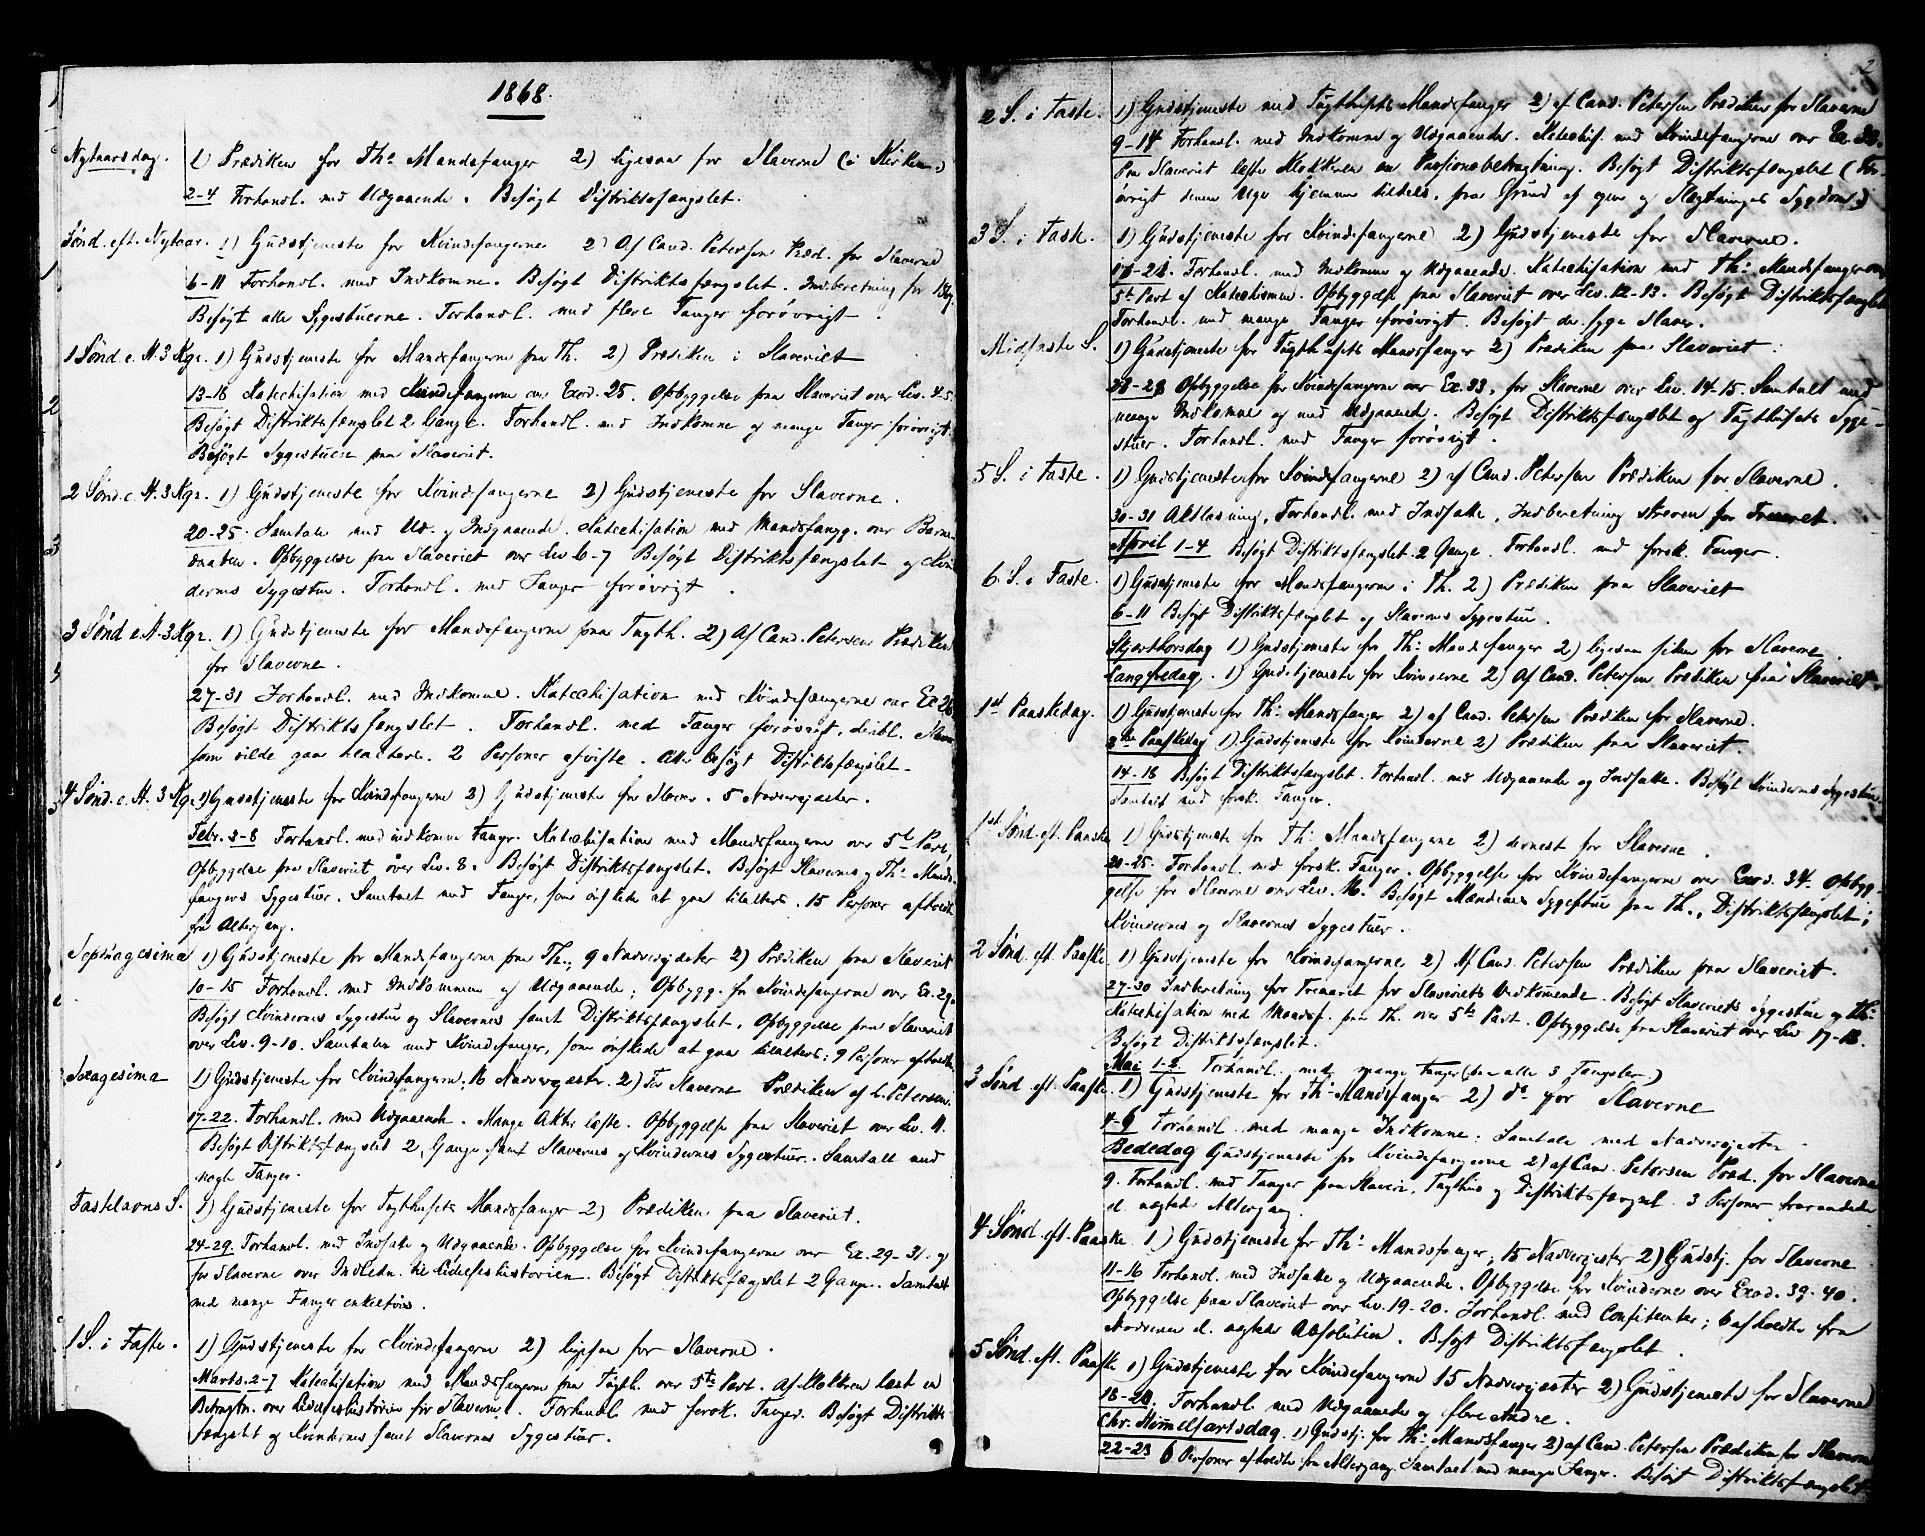 SAT, Ministerialprotokoller, klokkerbøker og fødselsregistre - Sør-Trøndelag, 624/L0481: Ministerialbok nr. 624A02, 1841-1869, s. 62